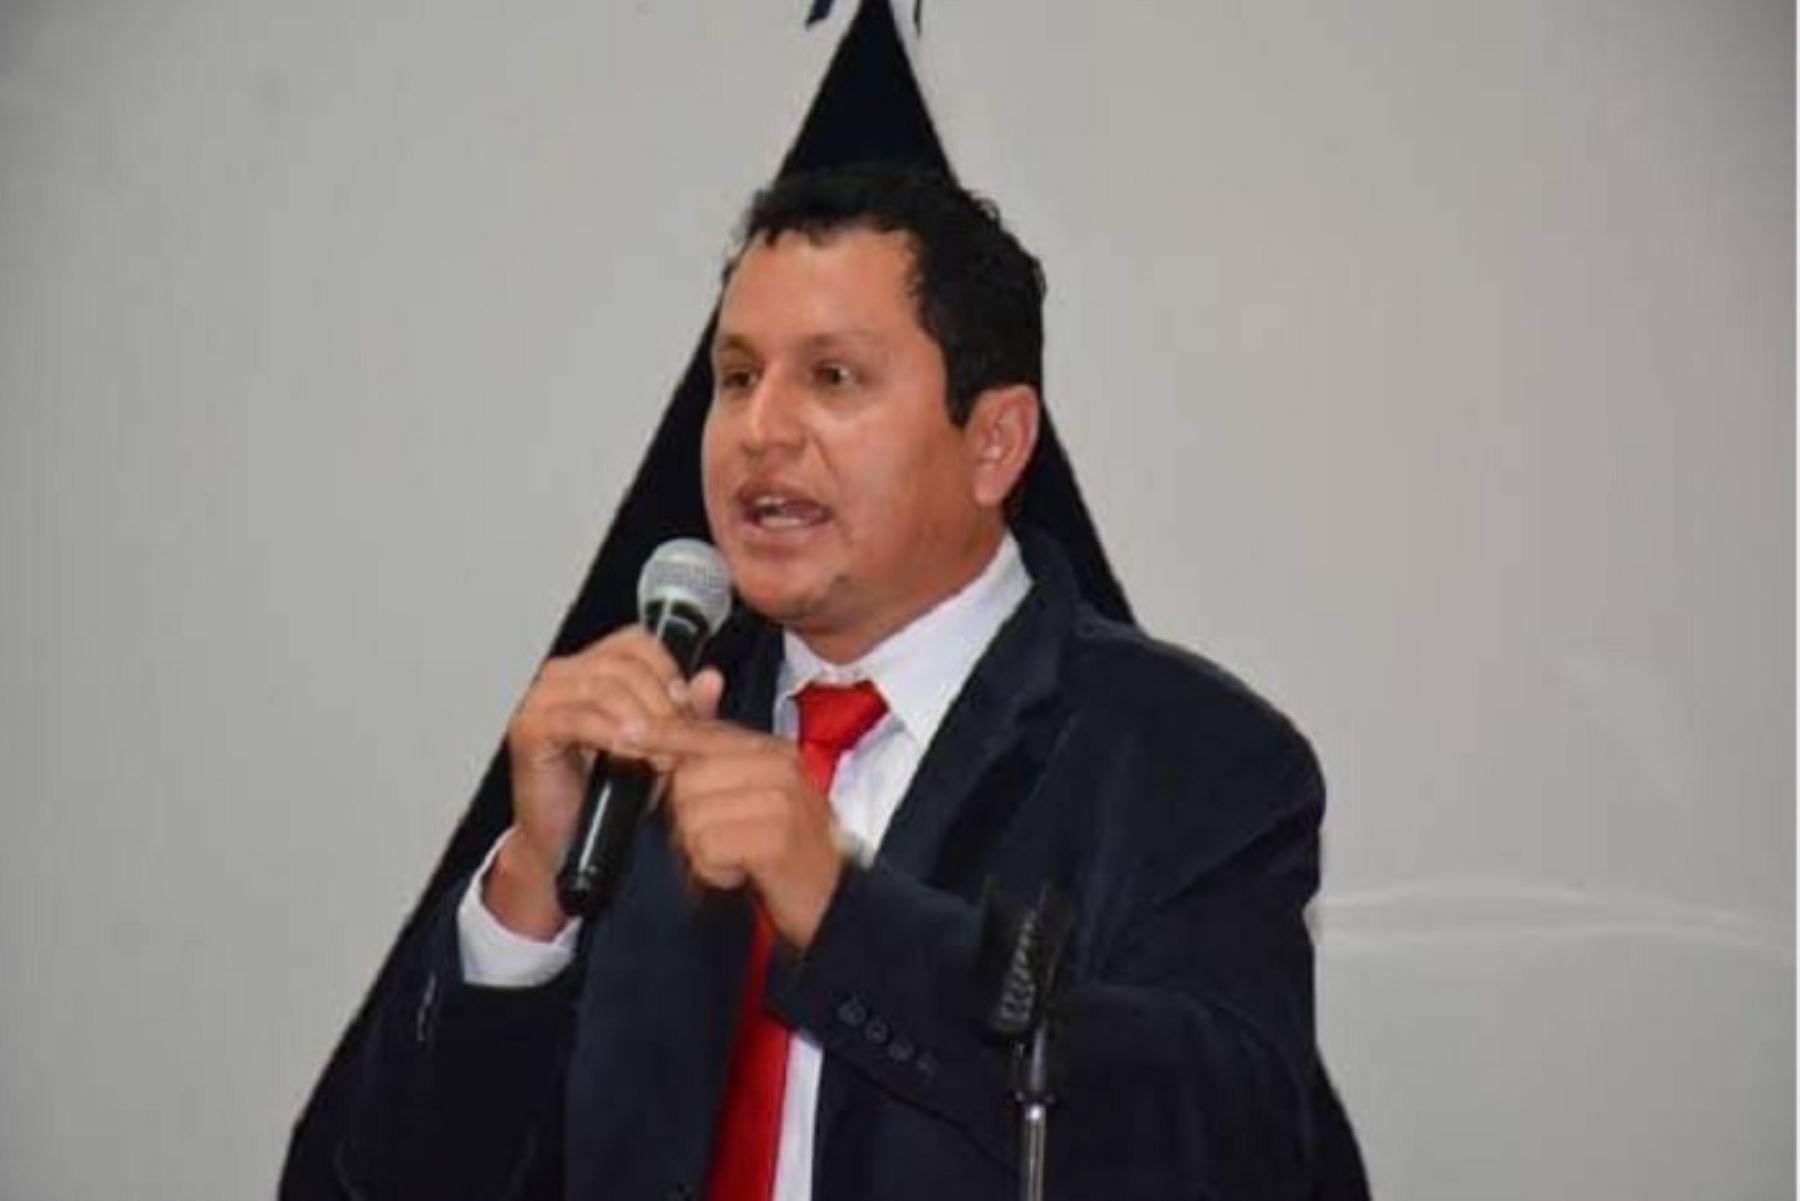 Gobernador regional de Piura y presidente de la Asamblea Nacional de Gobiernos Regionales (ANGR), Servando García. ANDINA/Difusión